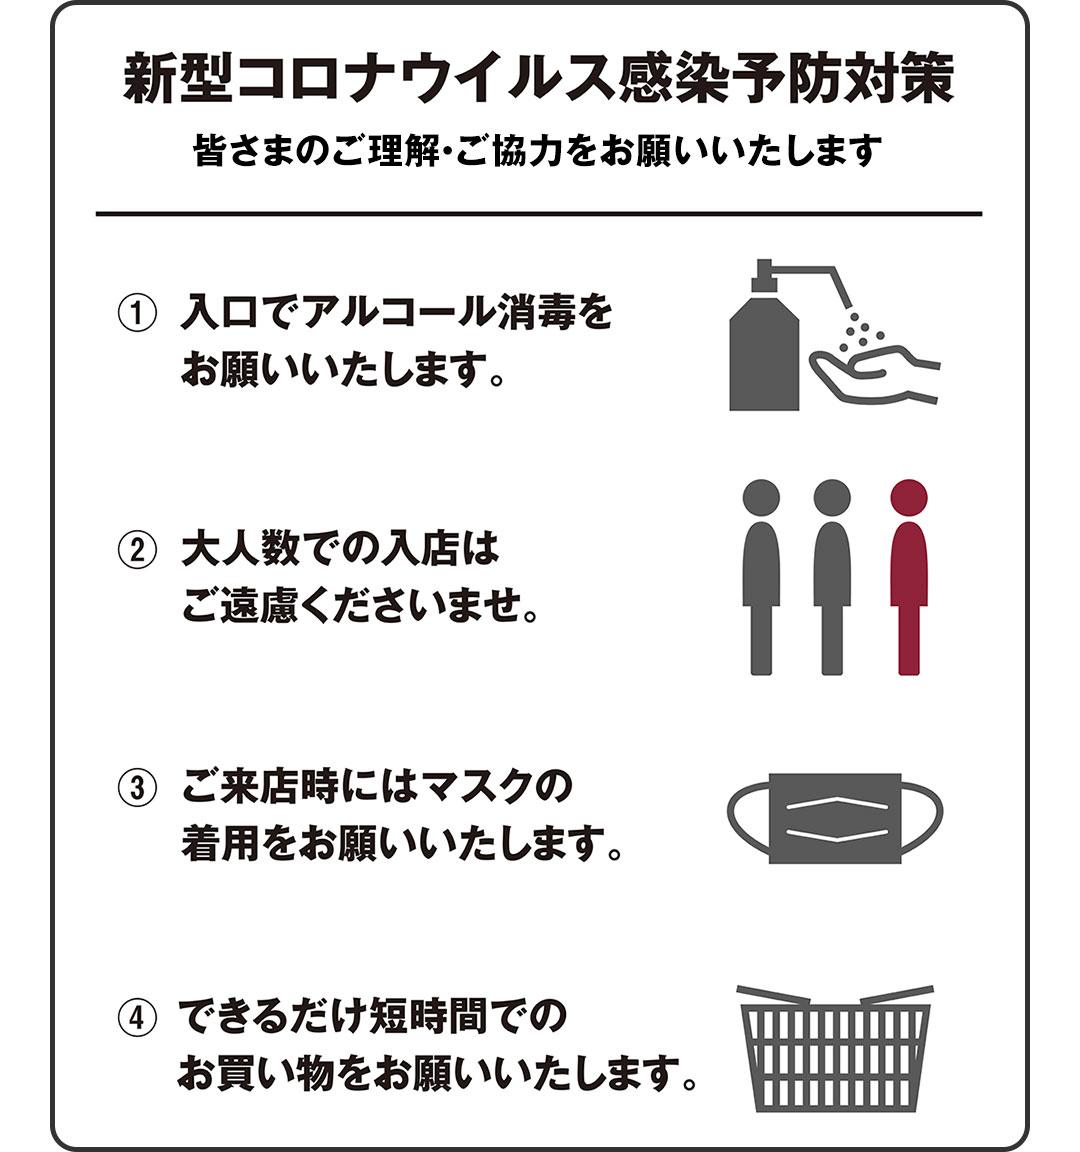 【銀座】感染防止ご協力のお願い